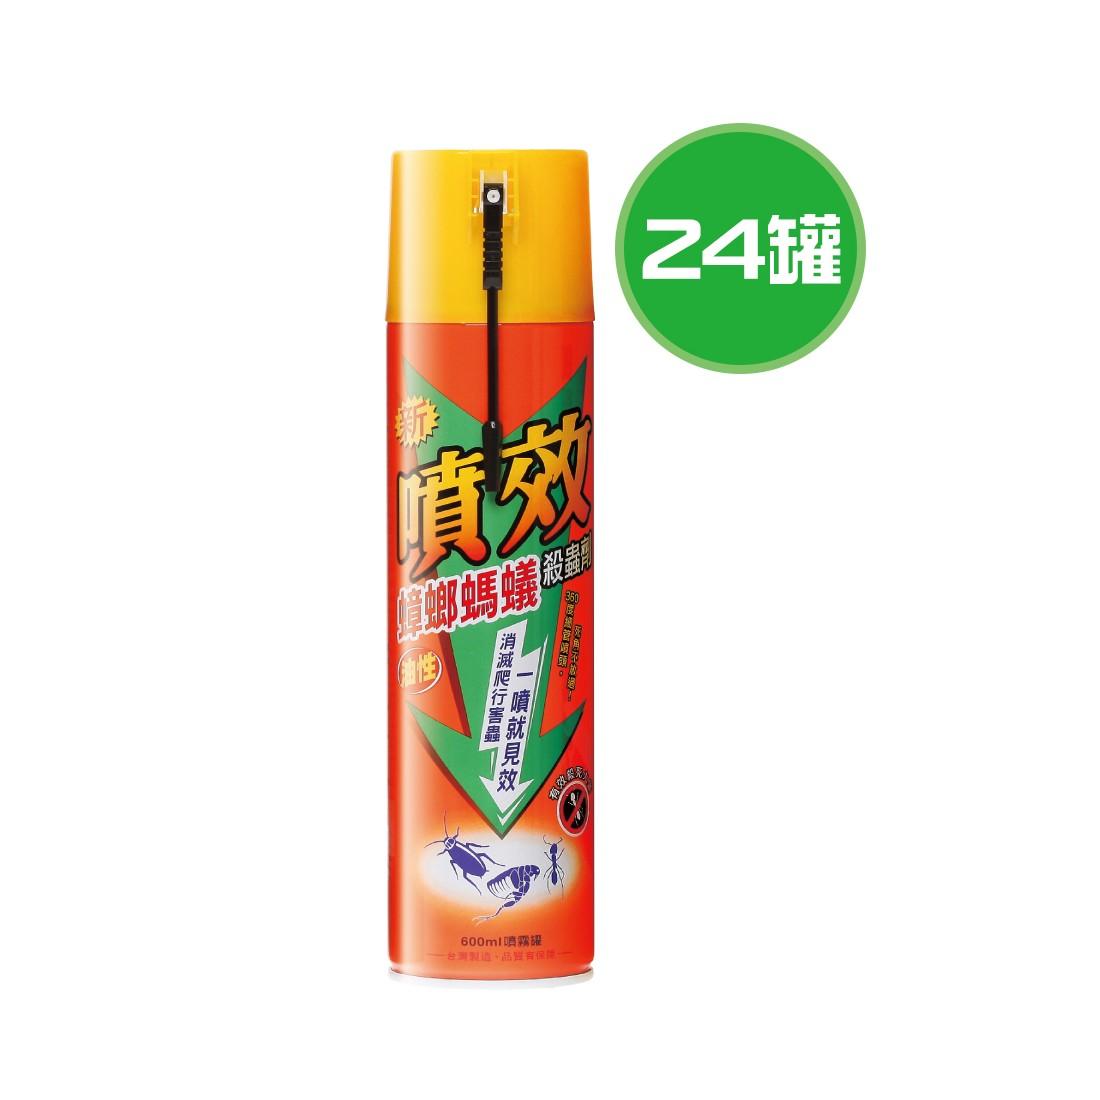 白博士 強效馬桶清潔劑 6瓶(750g/瓶)